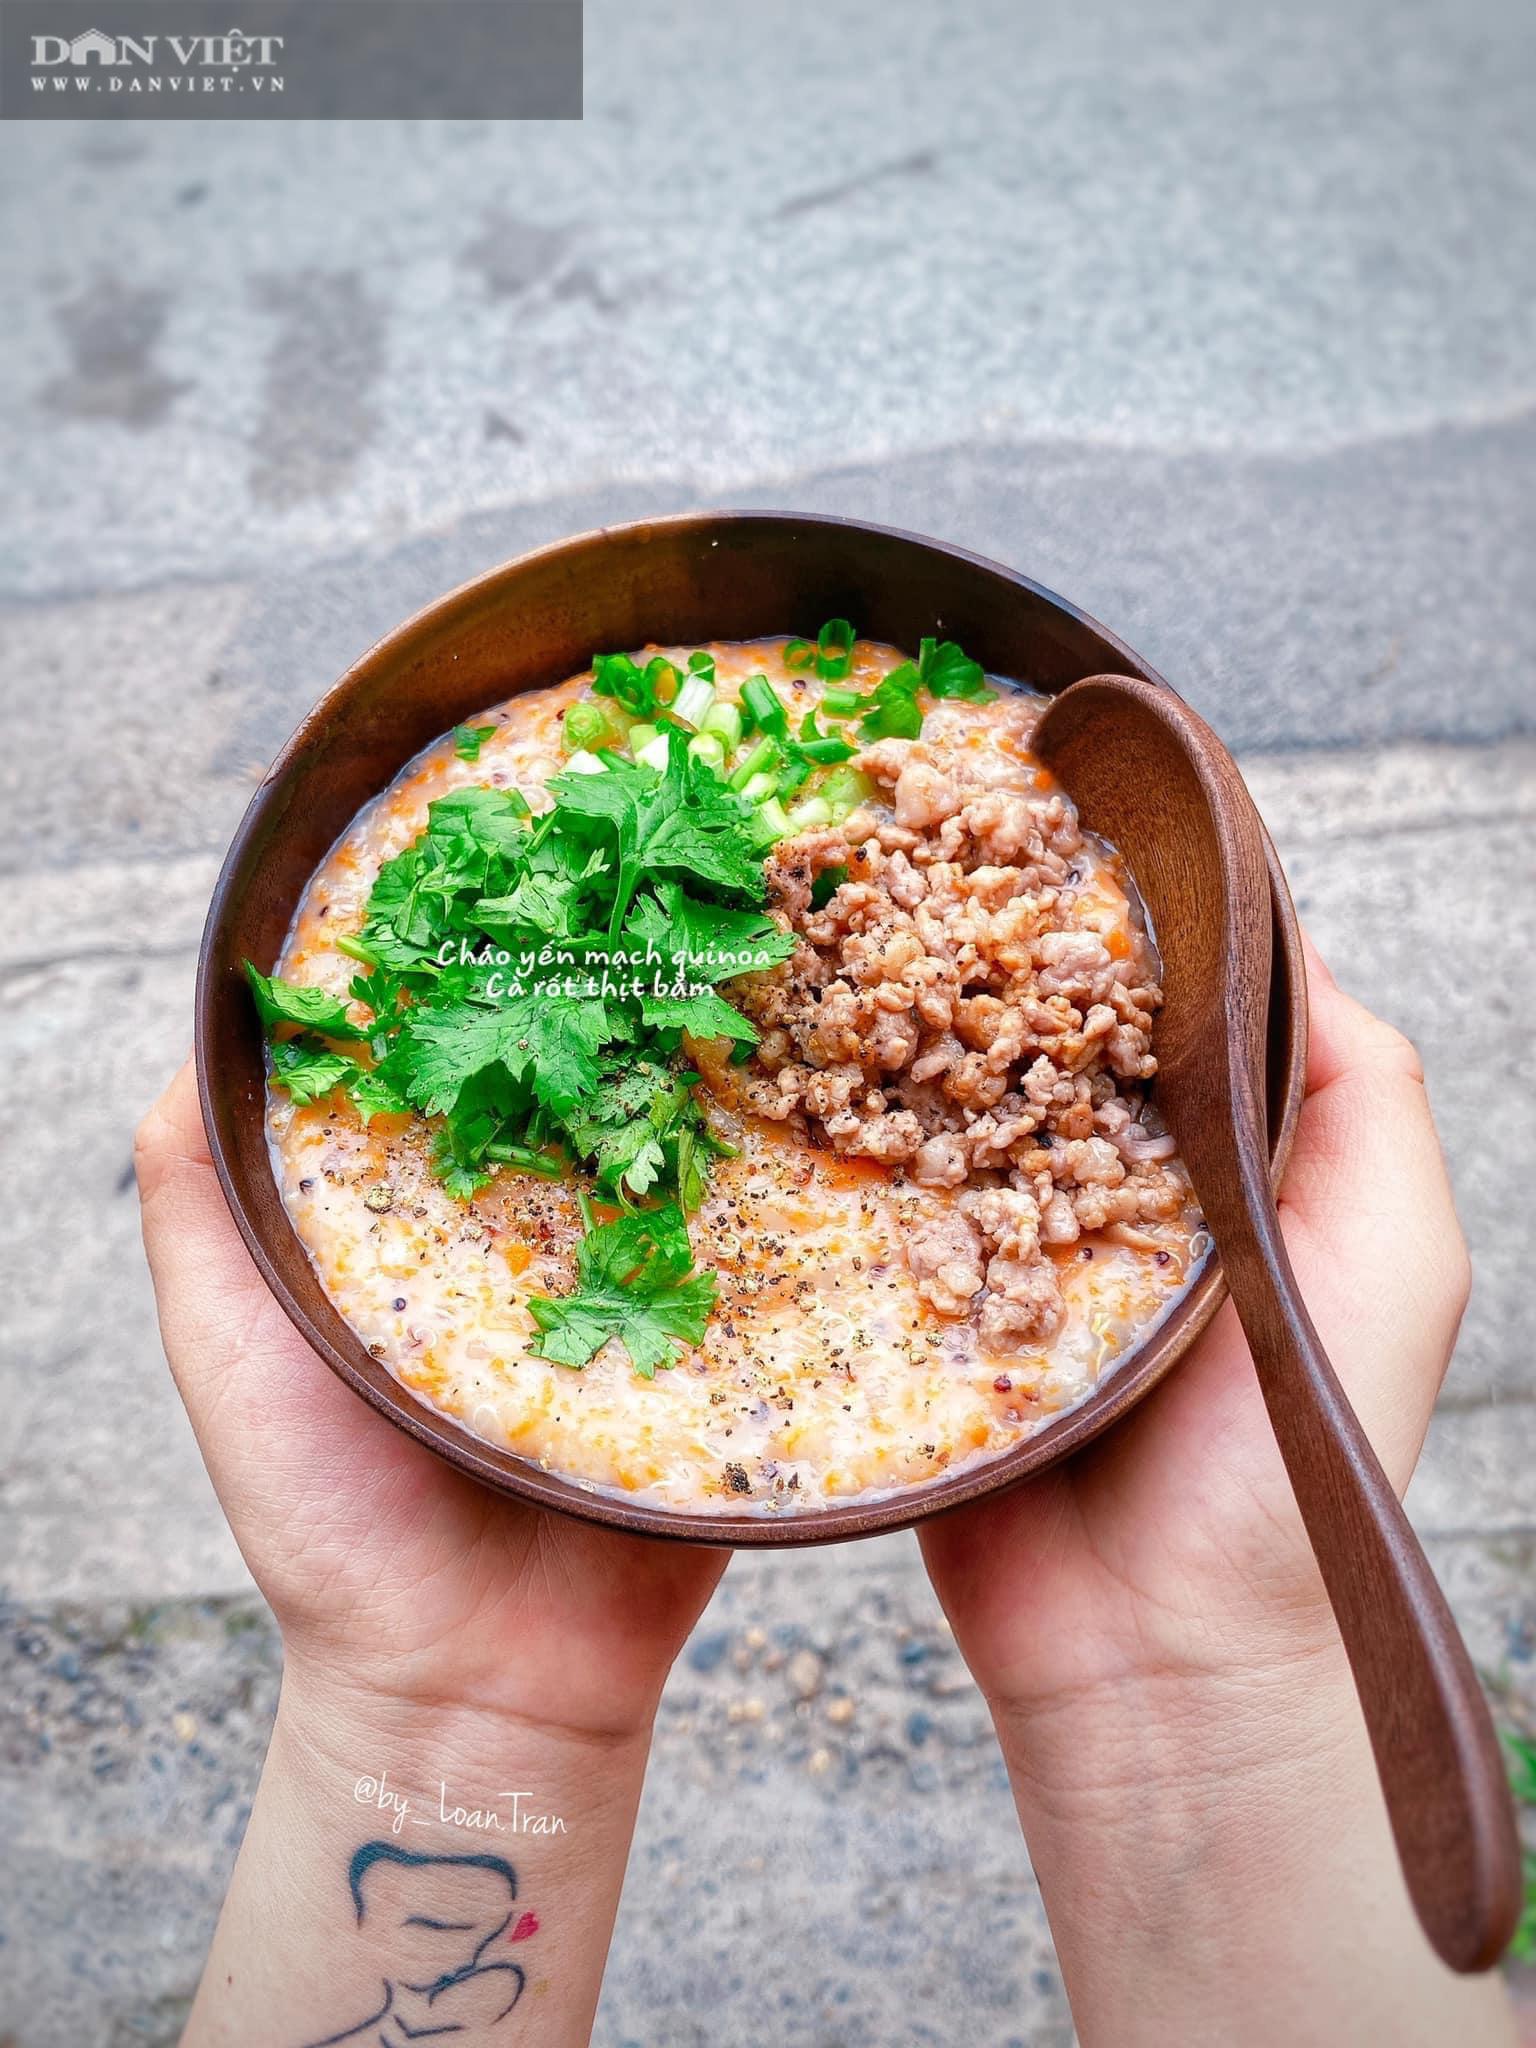 Gợi ý 4 món ngon đủ dinh dưỡng cho bữa sáng tại nhà - Ảnh 2.